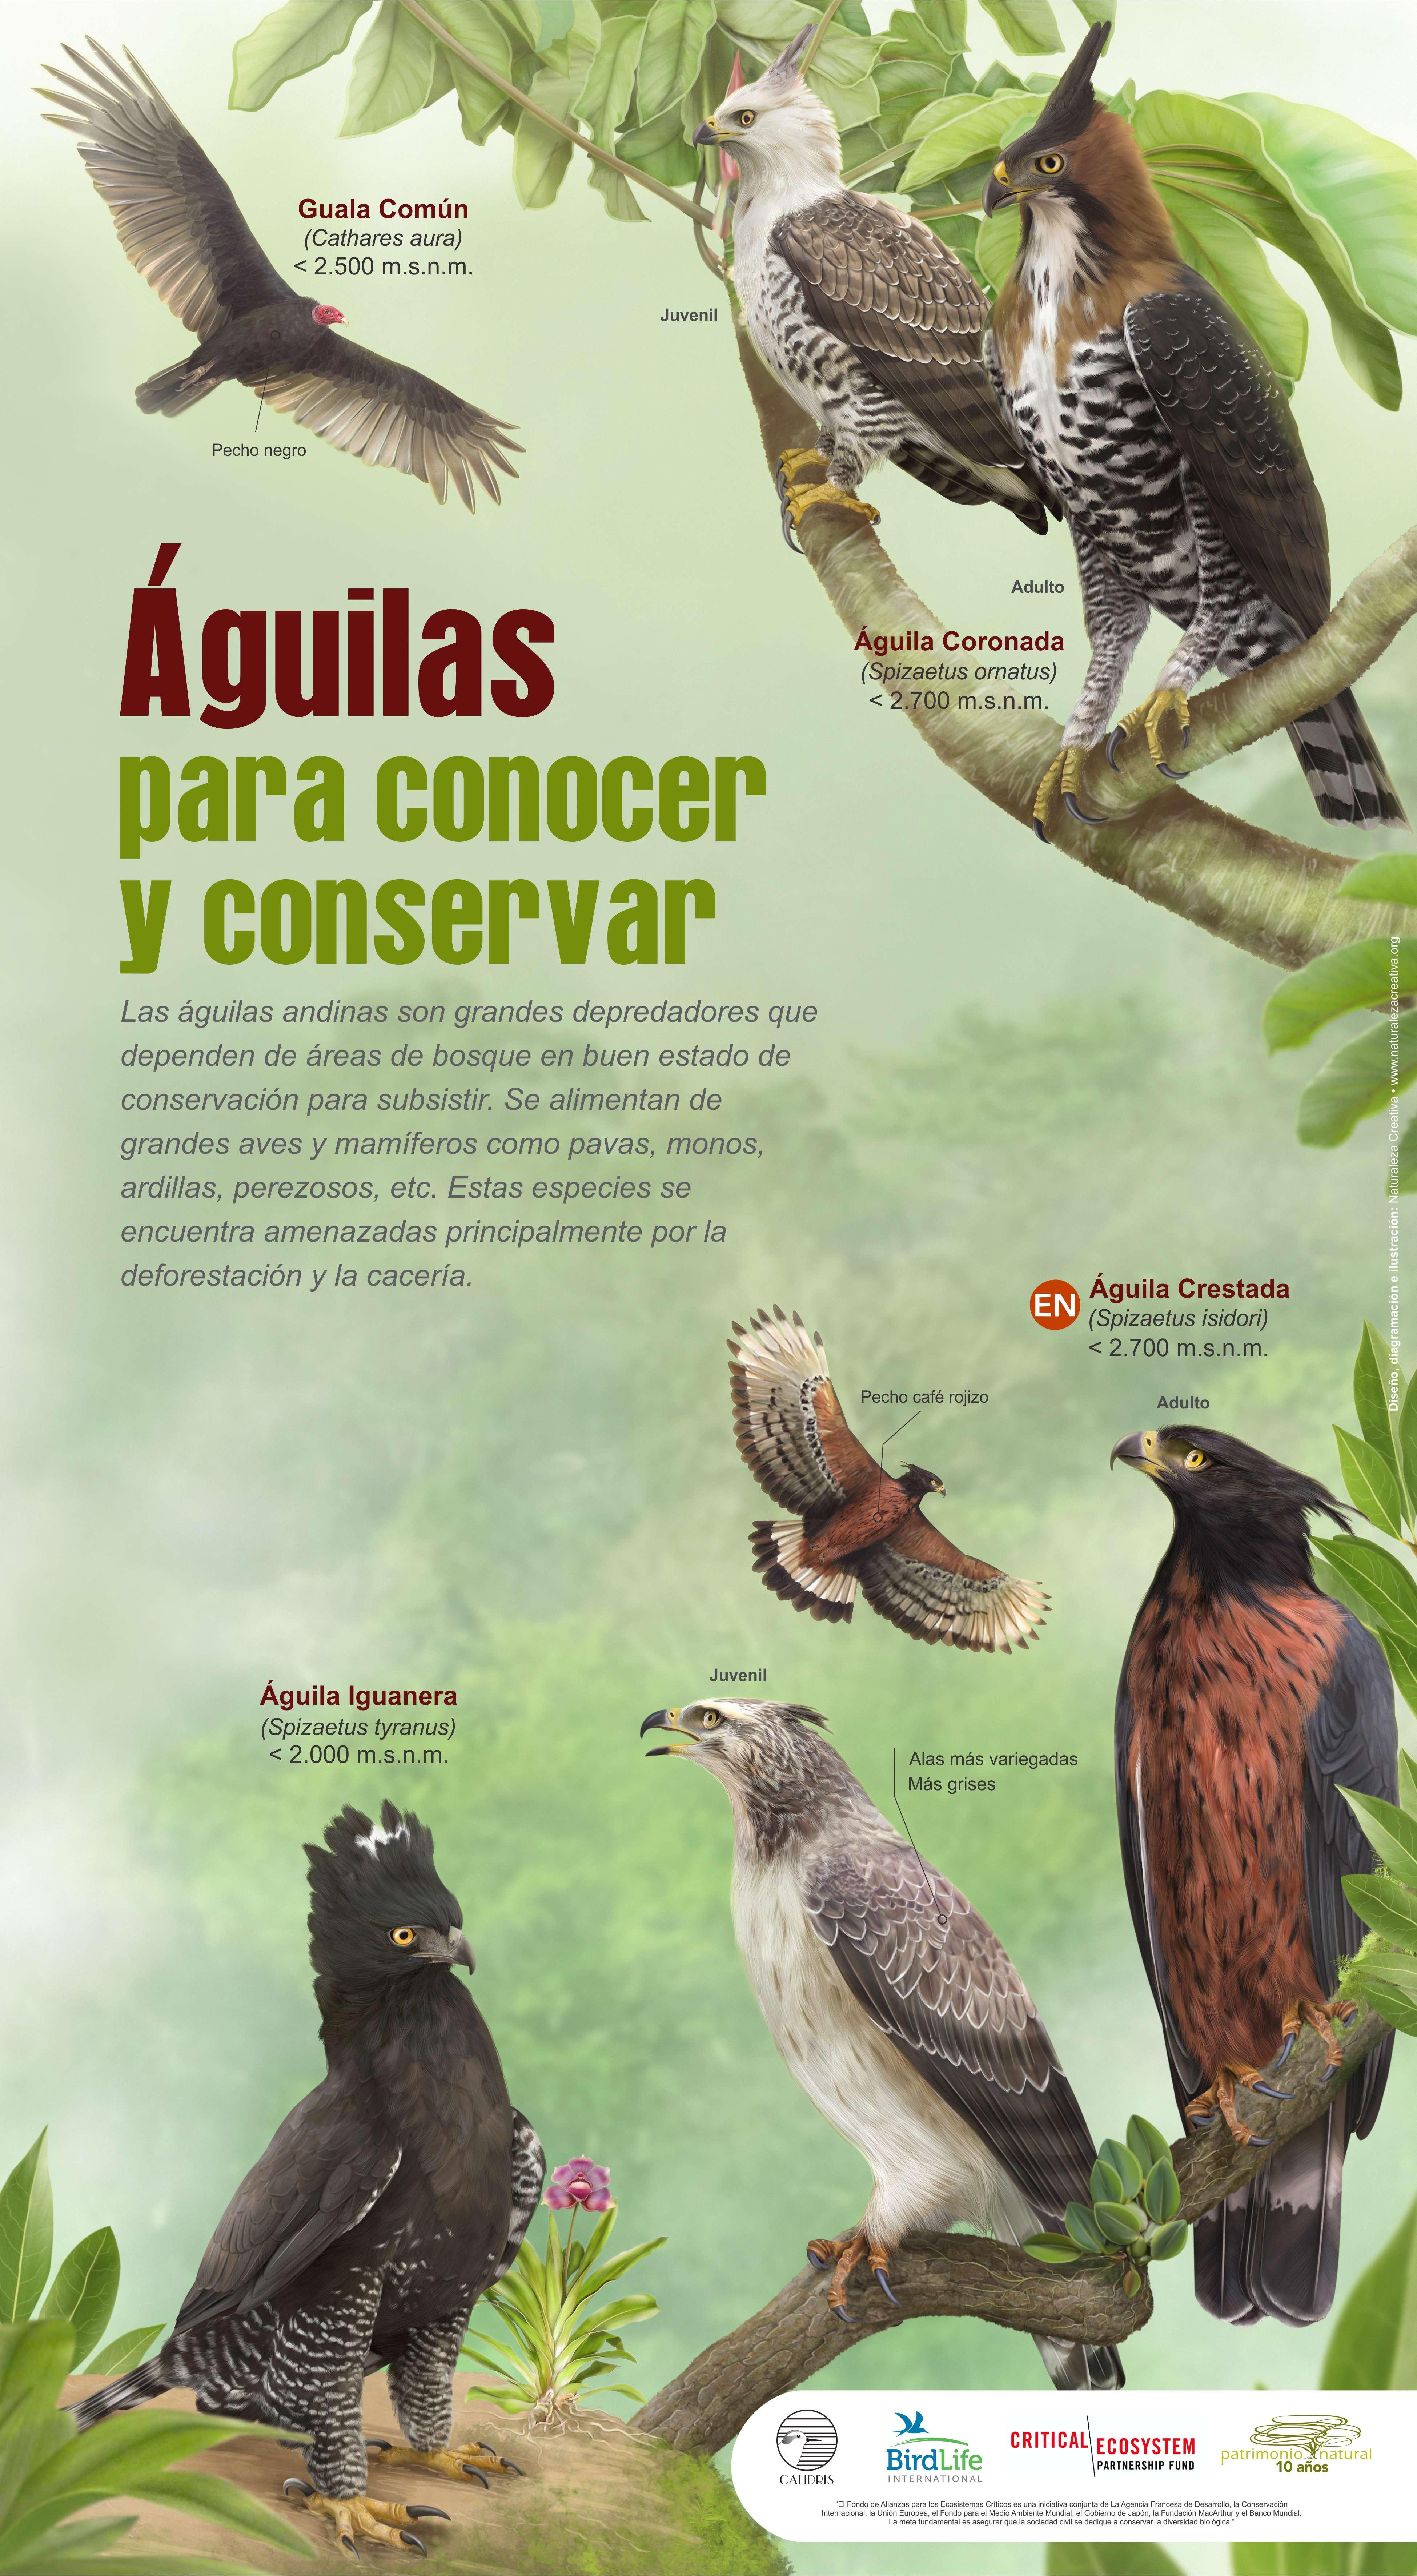 Águilas para conocer y conservar